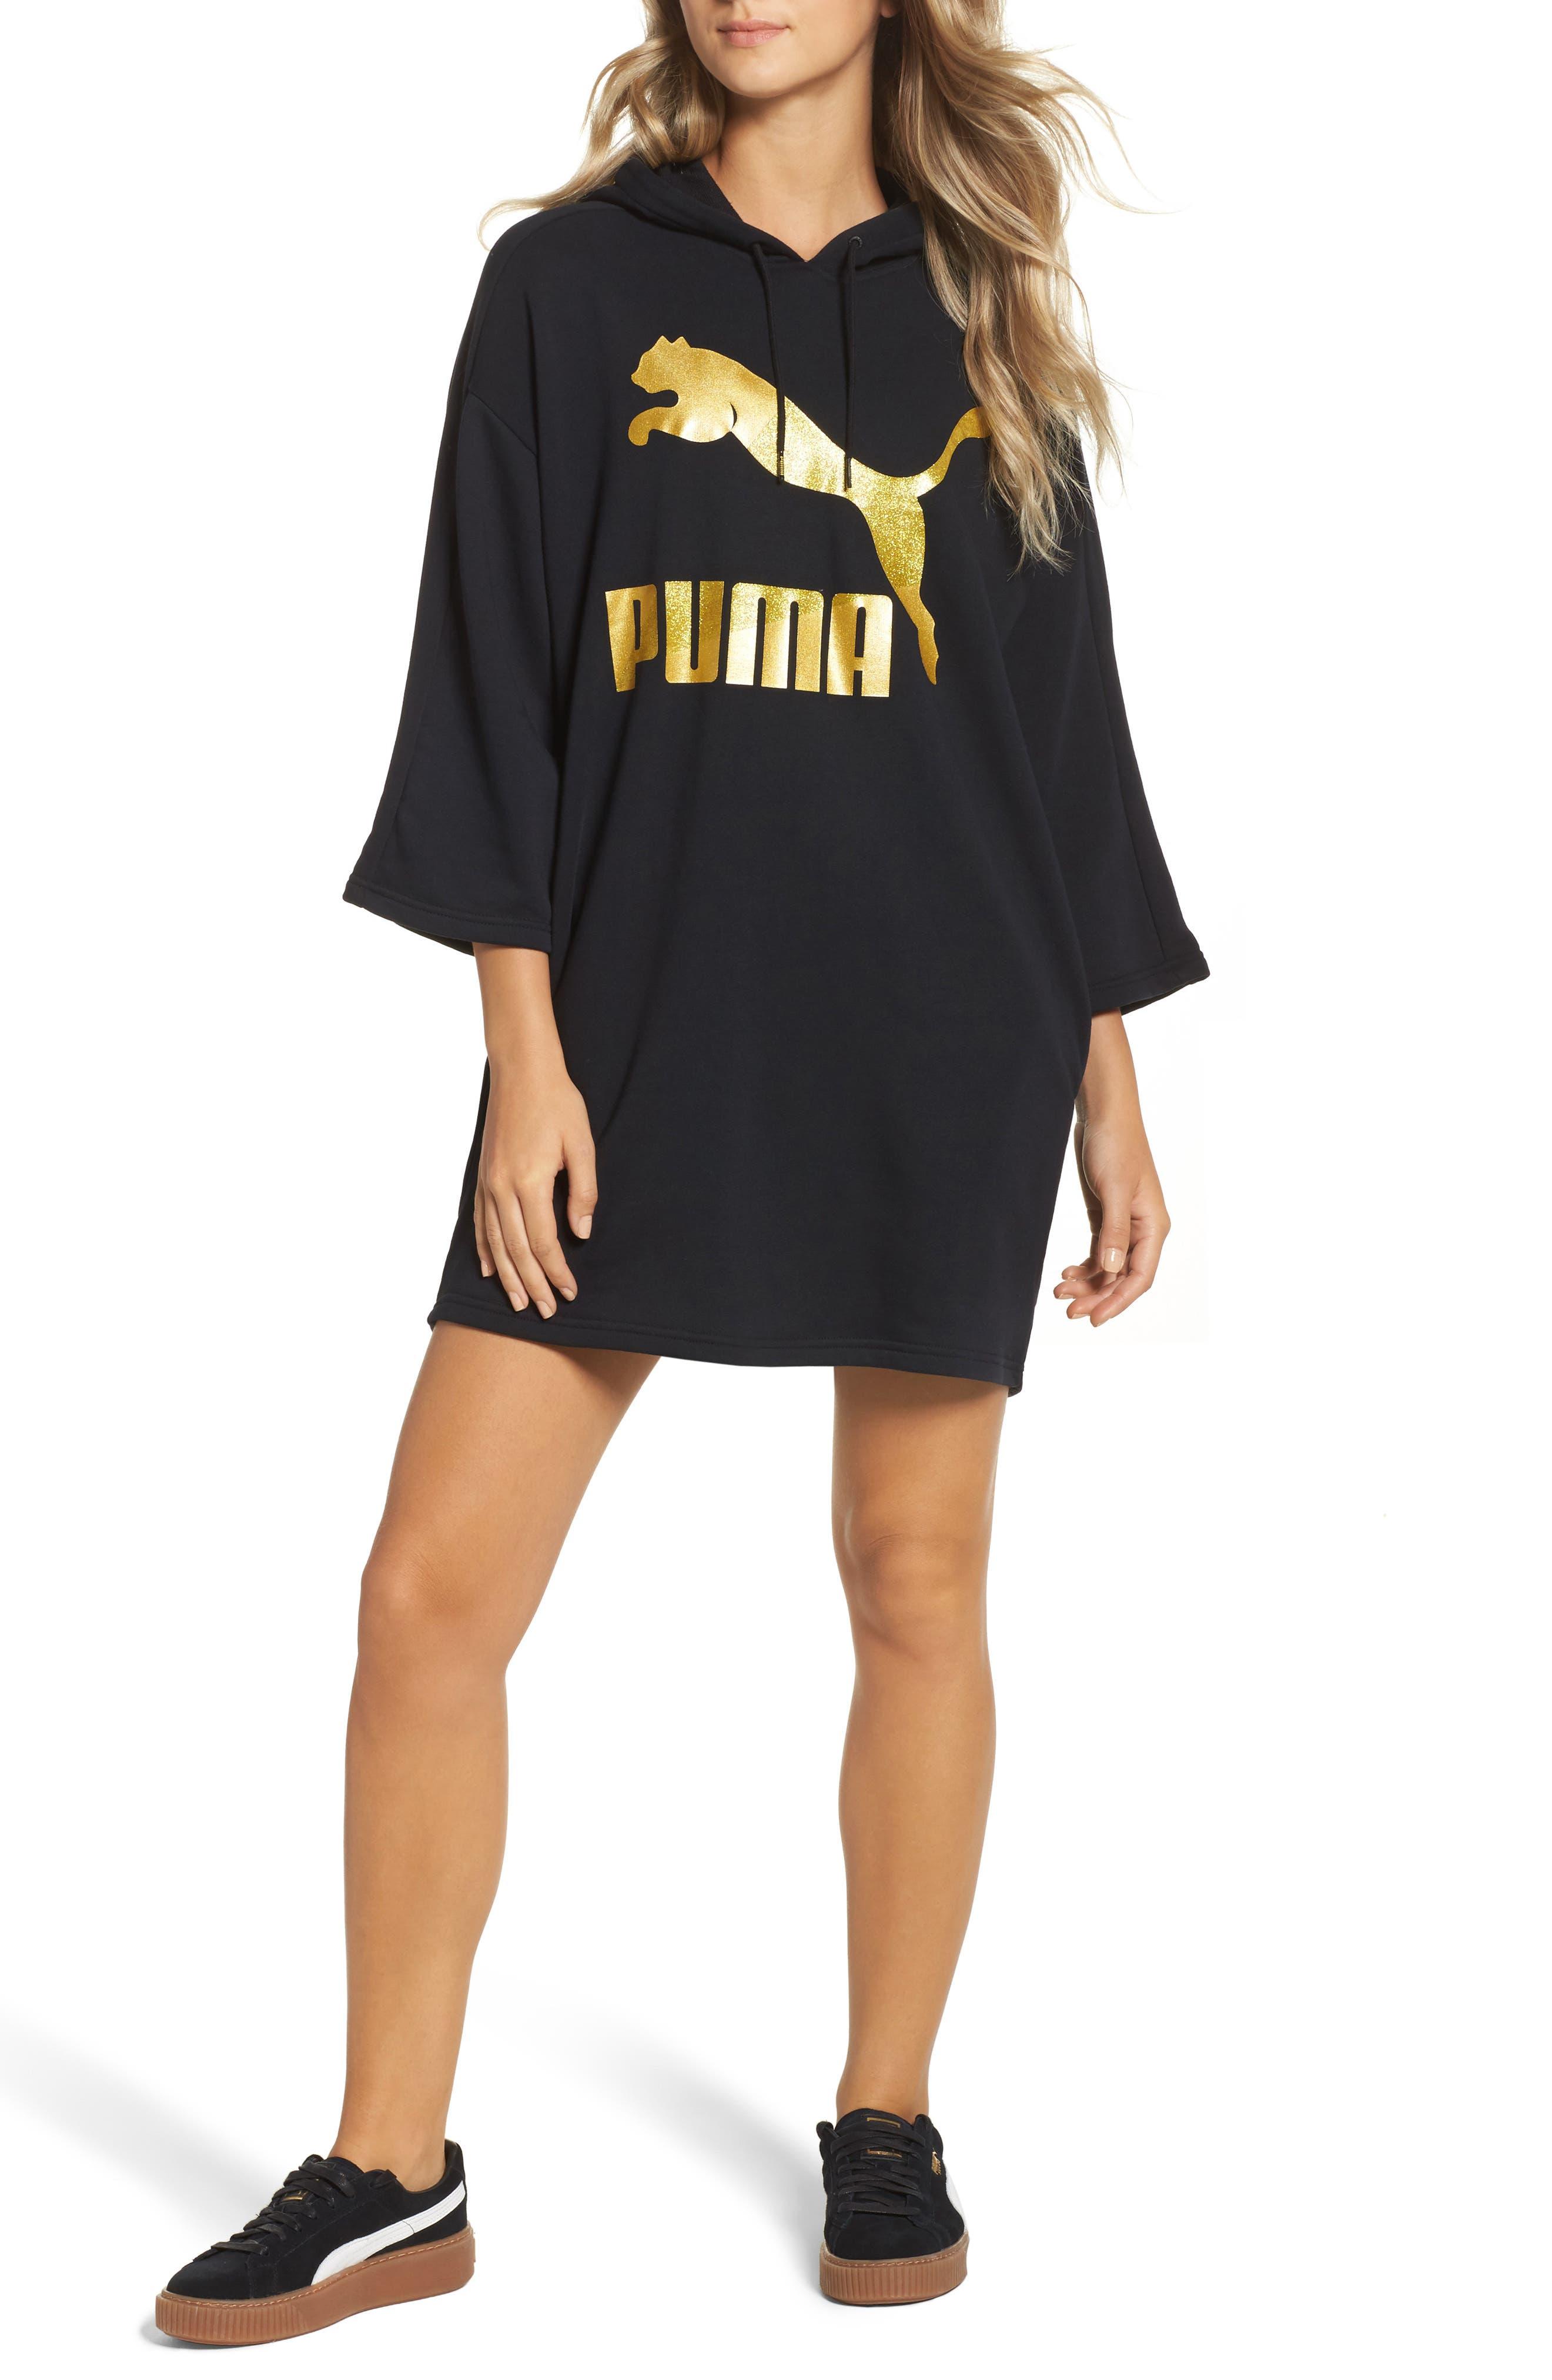 Main Image - PUMA Glam Oversize Hooded Dress